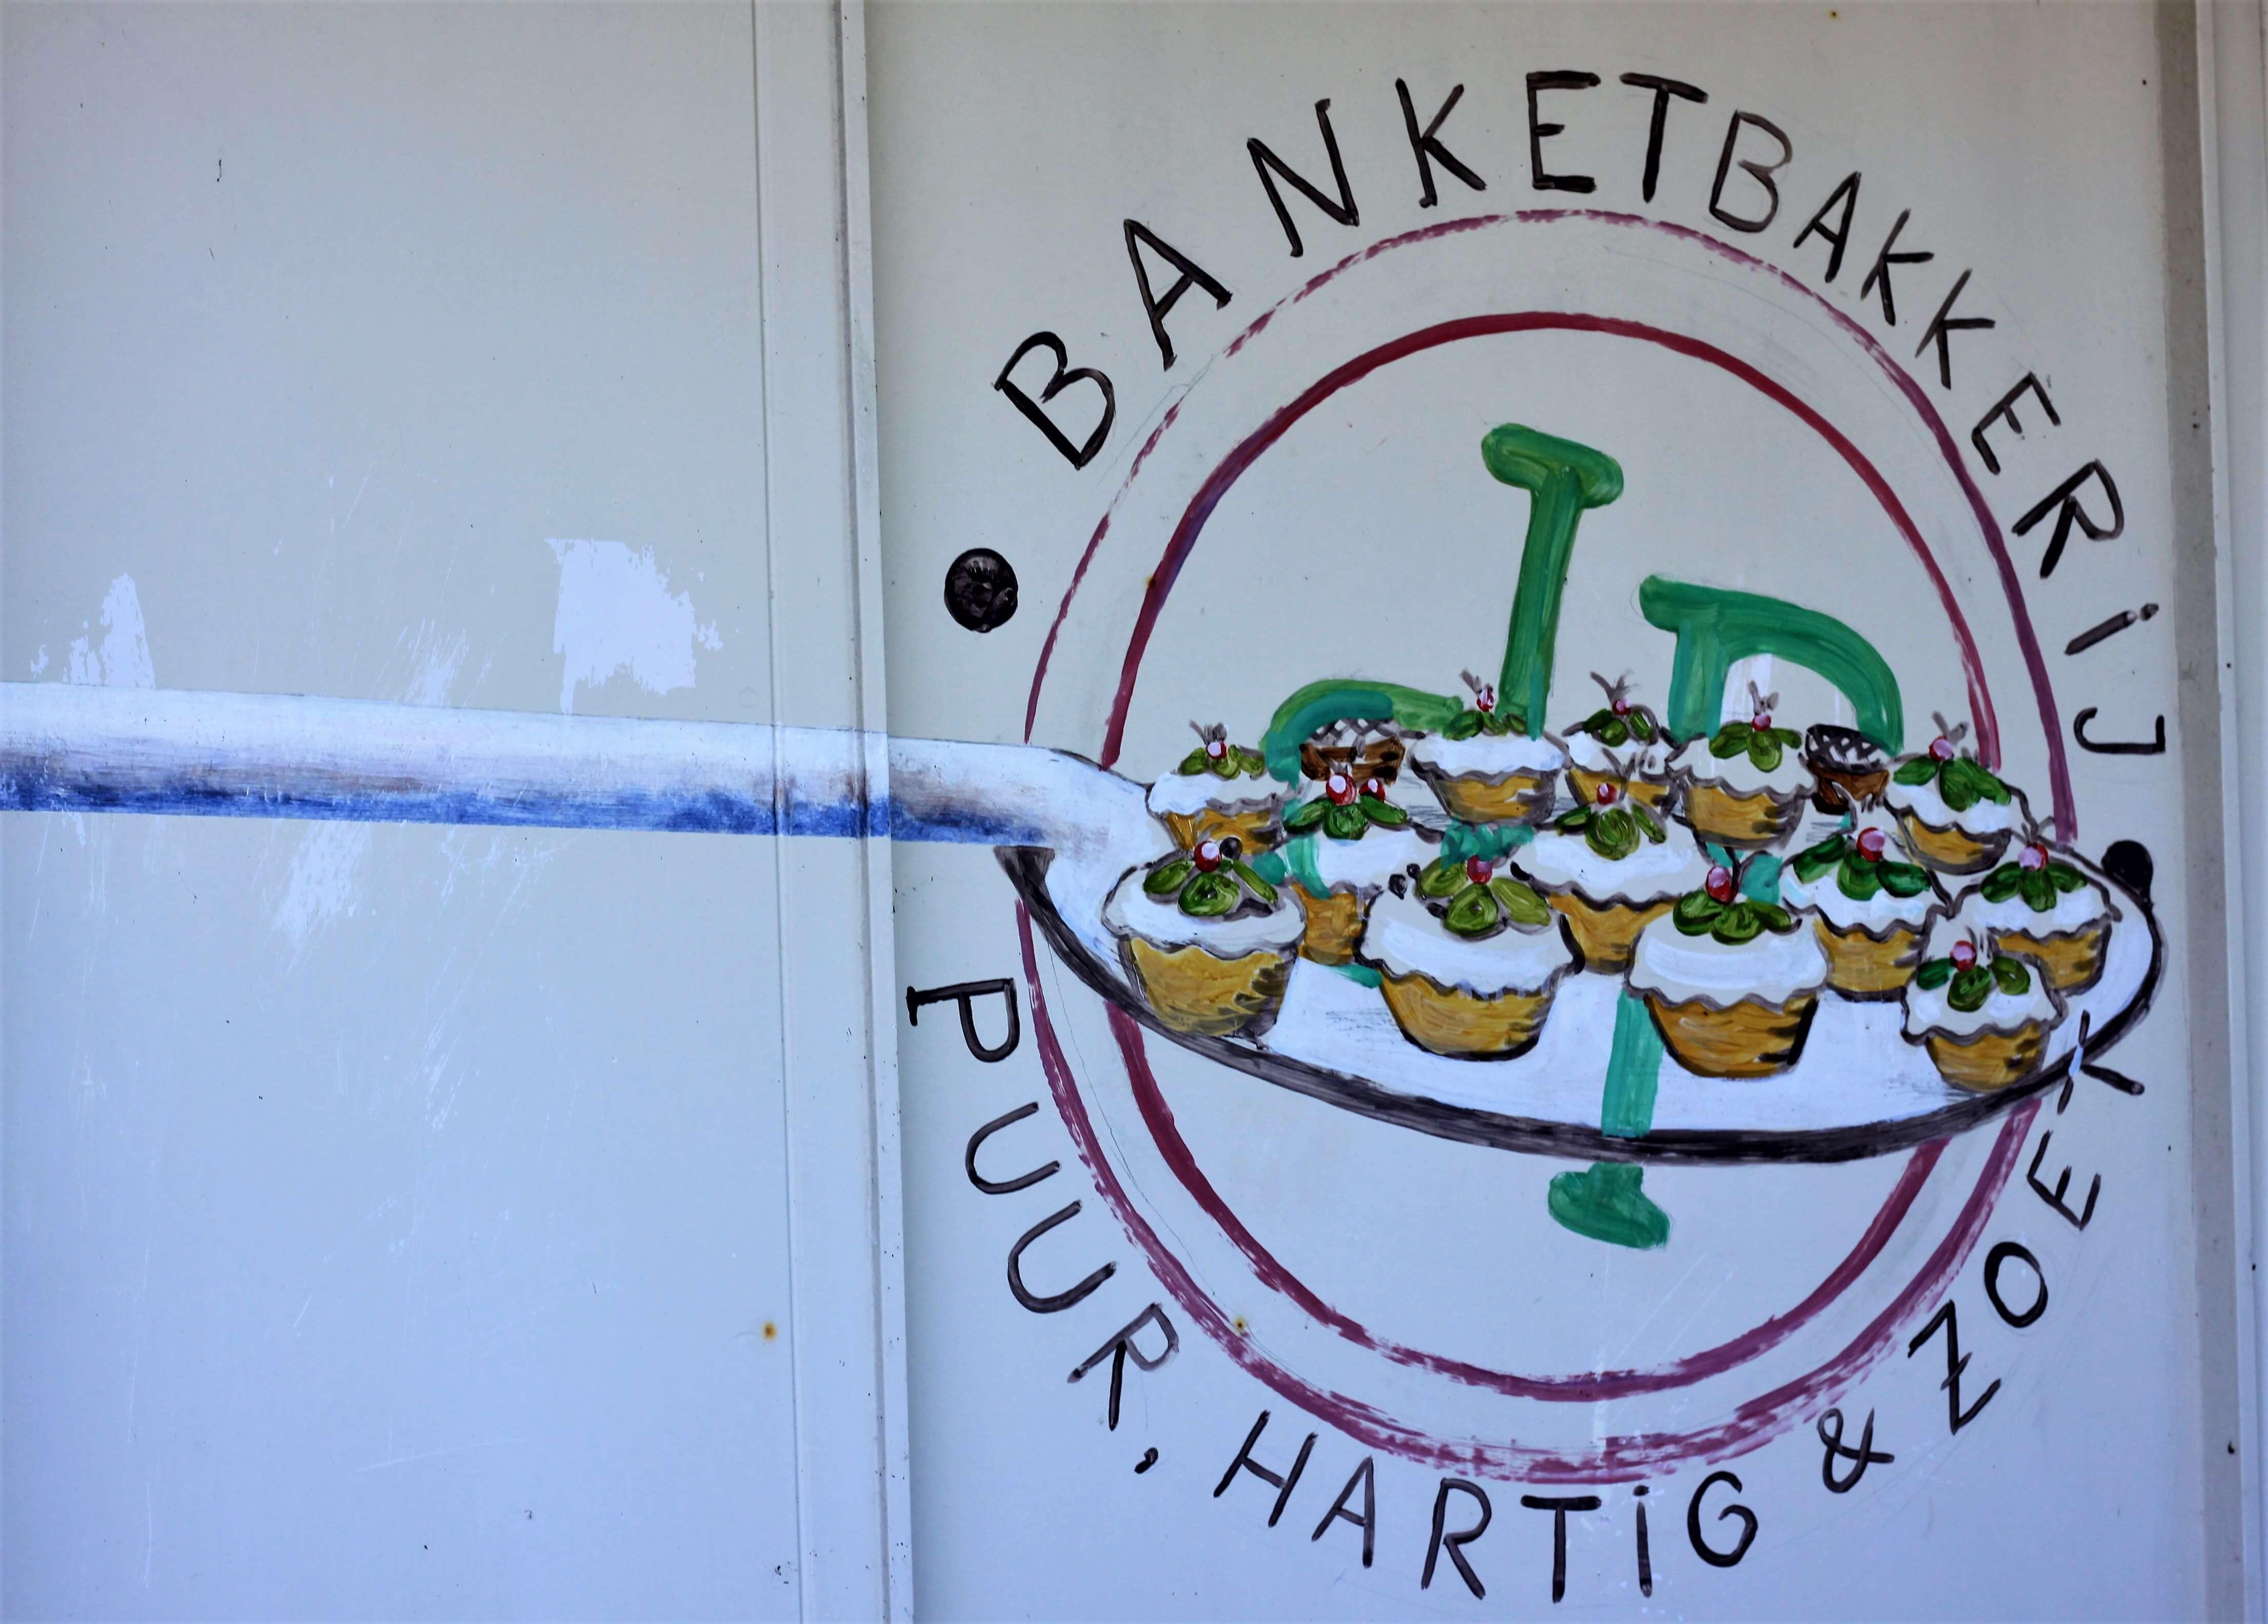 Banketbakkerij D&P